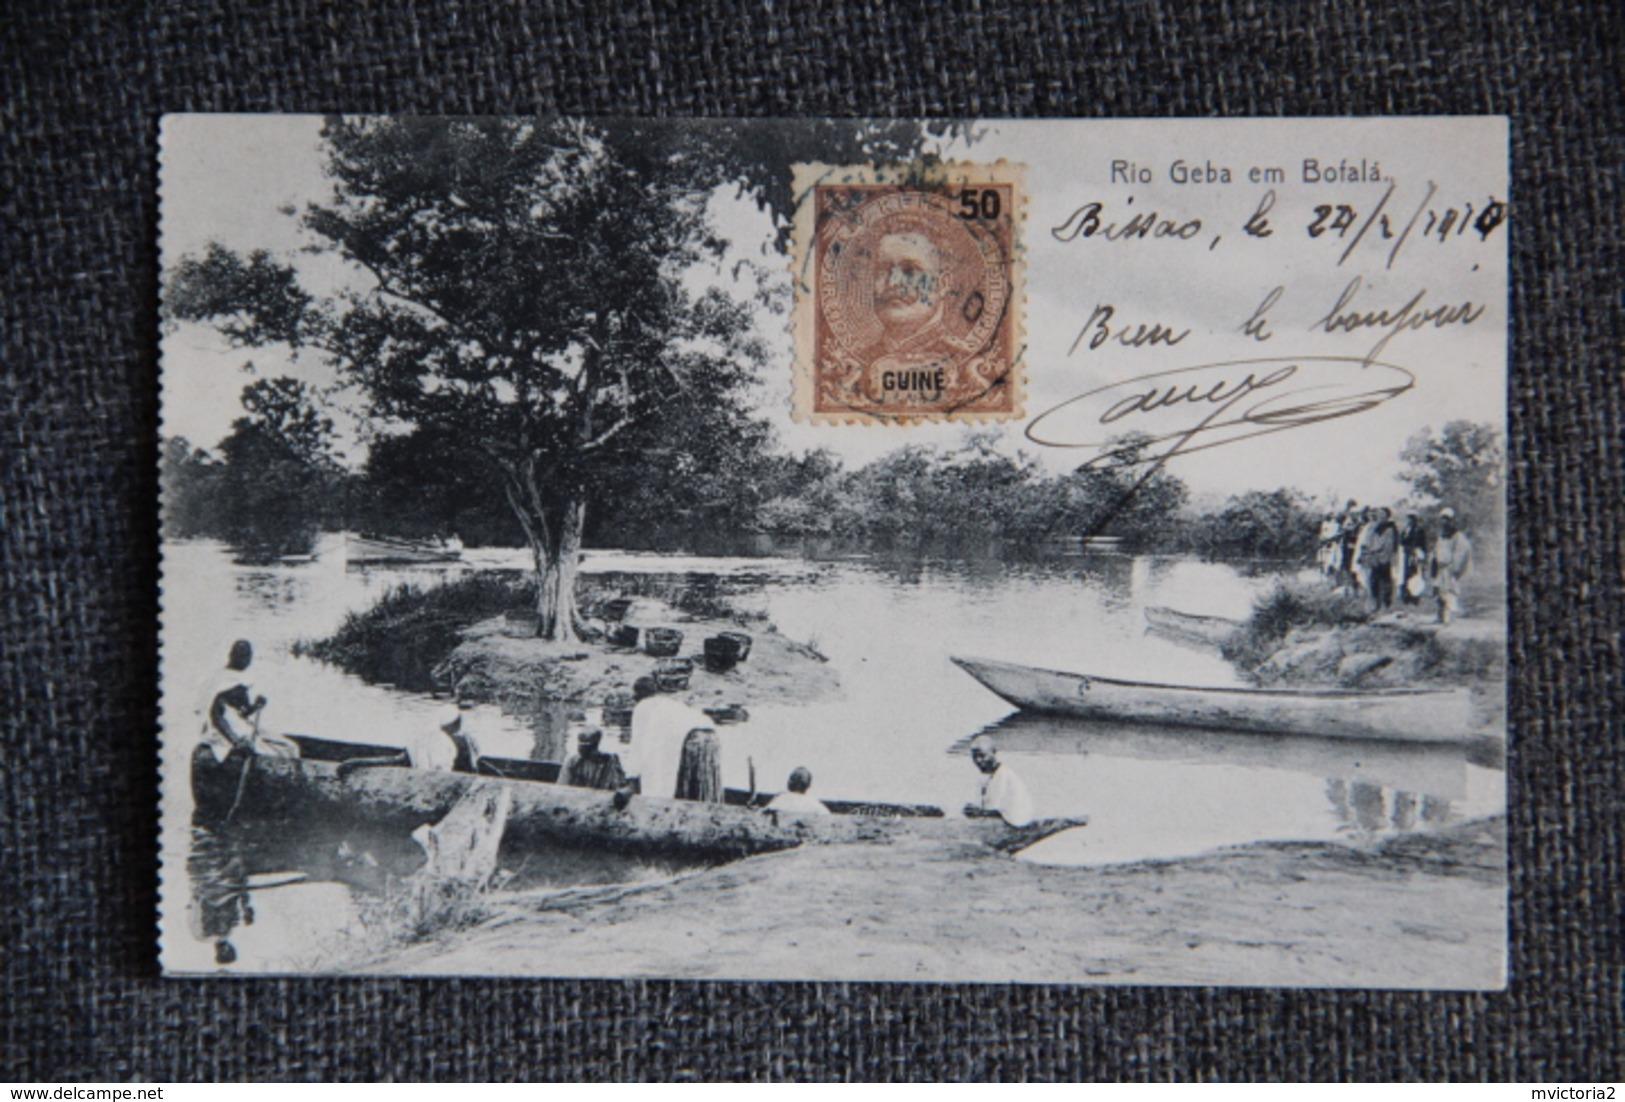 GUINEE BISSAU , Rio Geba Em Bofala - Guinea Bissau